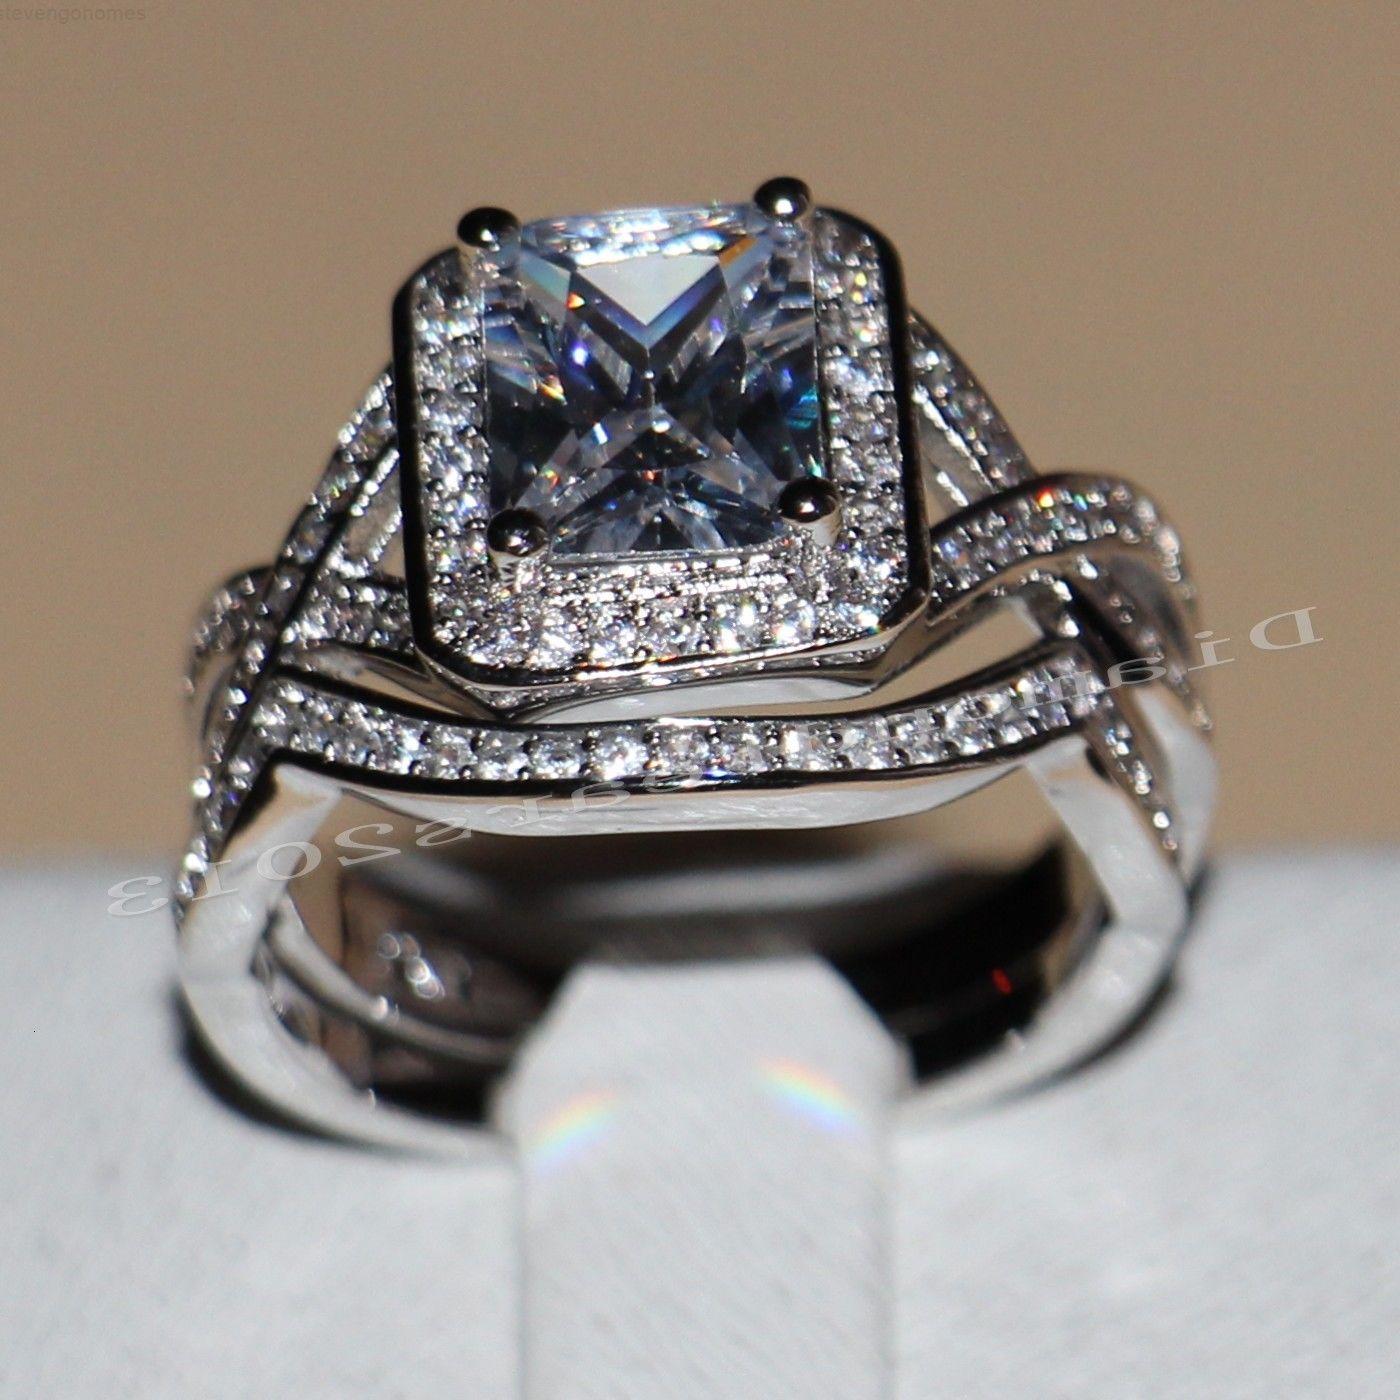 Rempli 4CT Blanc Nouveau Populaire Bijoux en or 10kt Topaz Simulé Diamond Princess Anneaux de fiançailles de mariage Set pour les femmes S